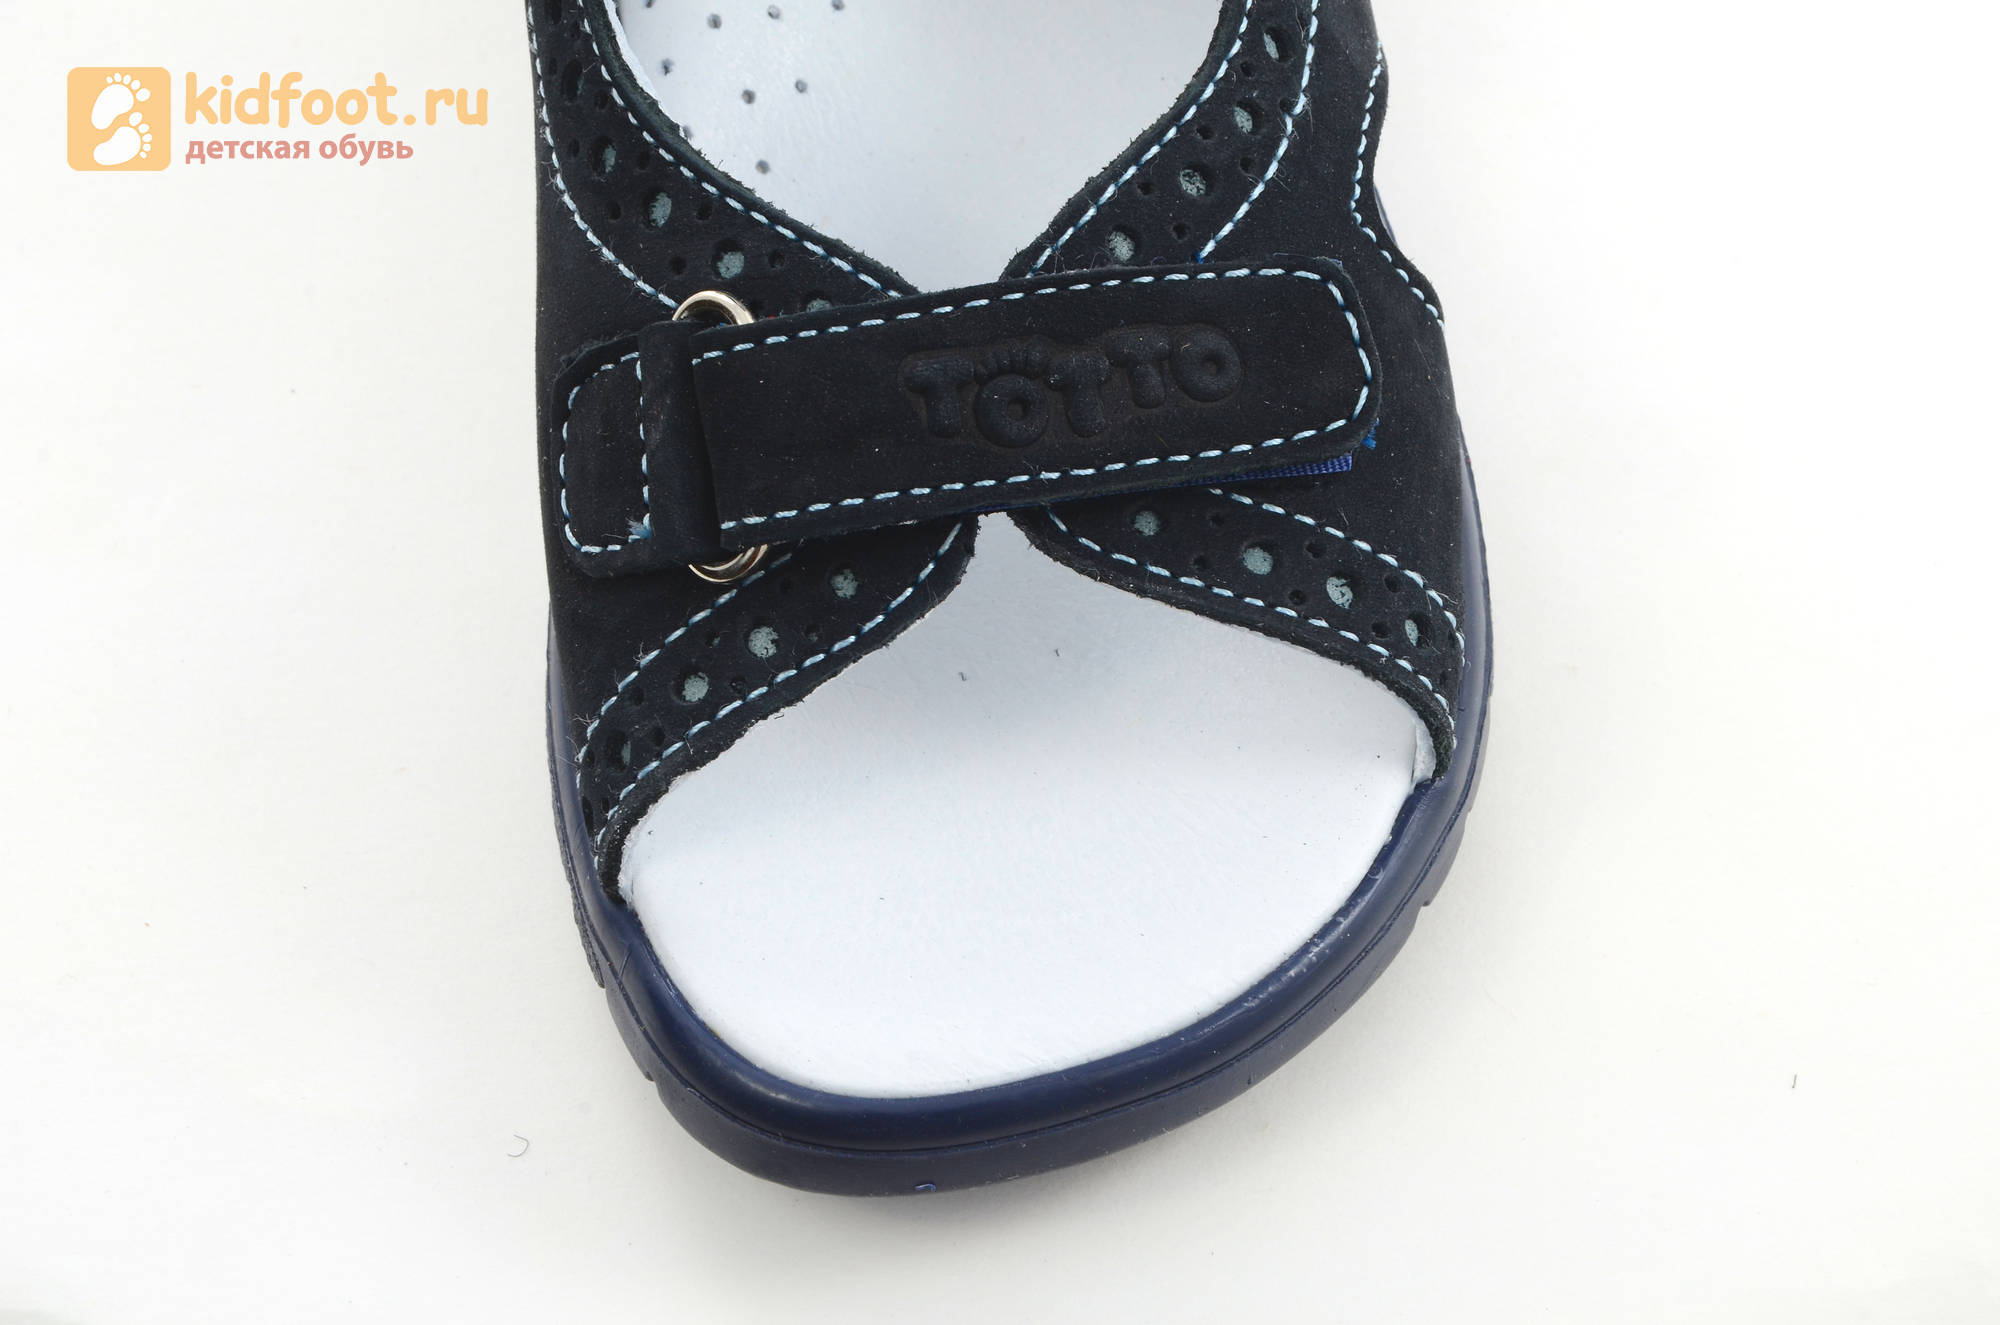 Сандалии для мальчиков из натуральной кожи с открытым носом на липучках Тотто, цвет тёмно-синий